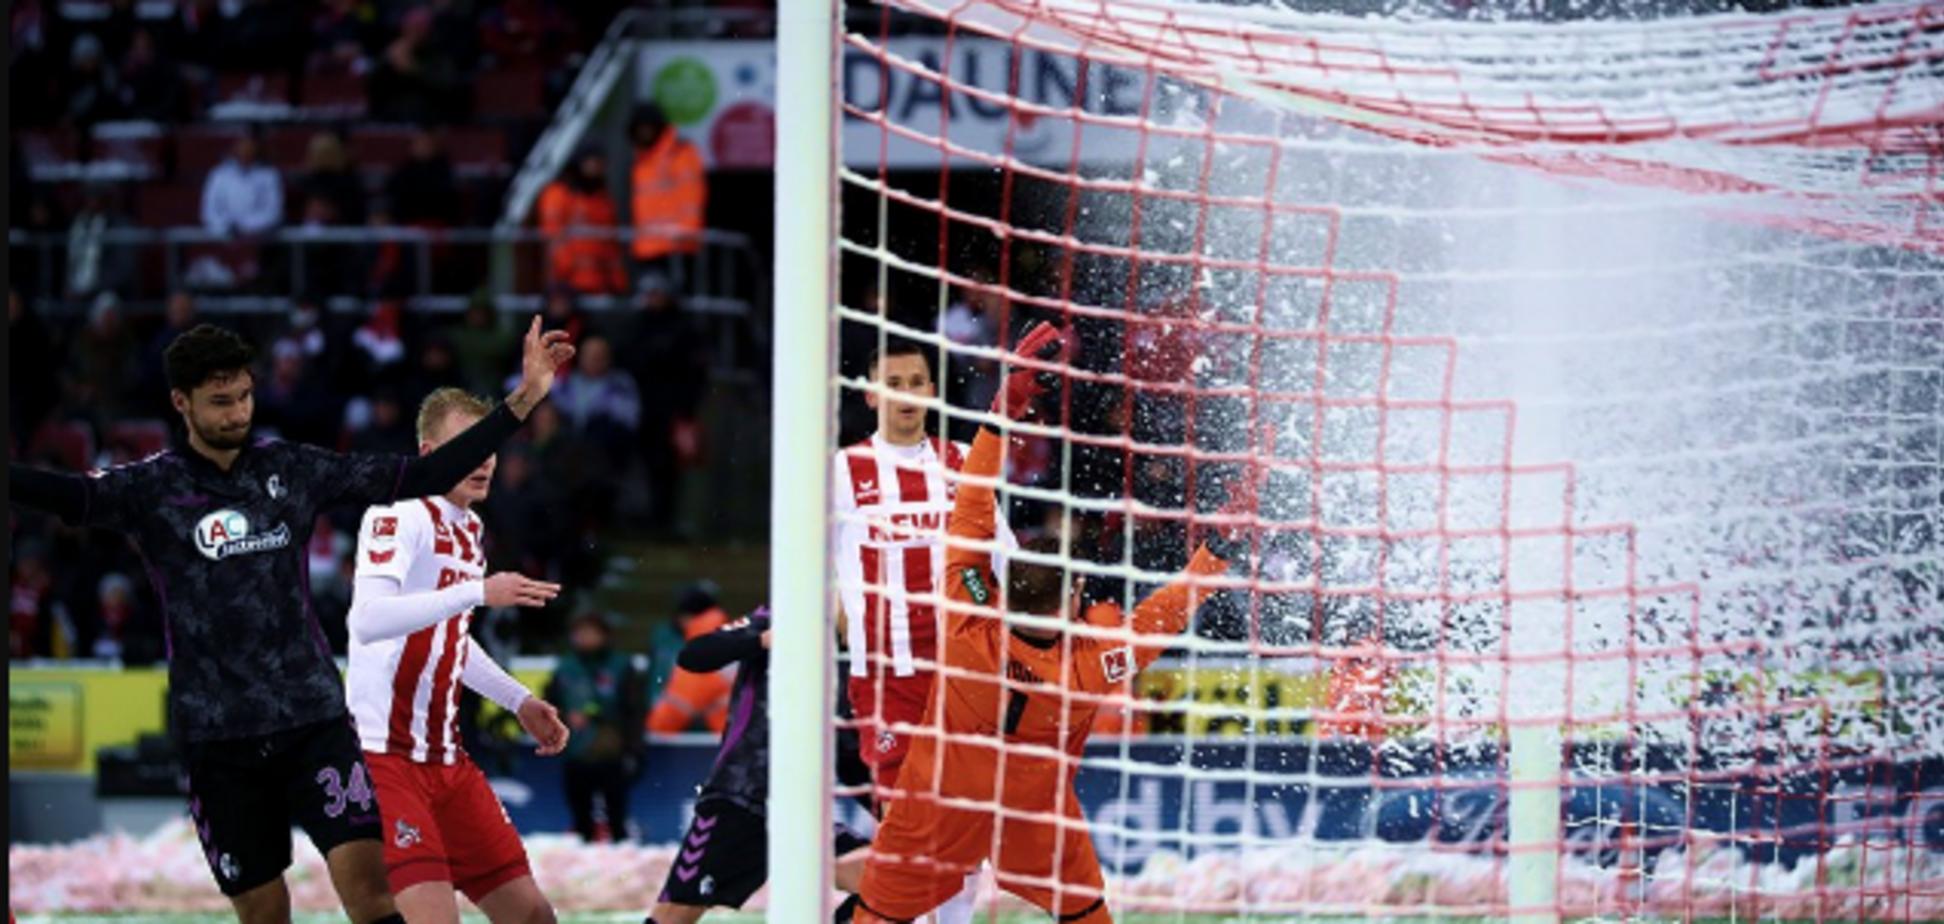 Камбек сезона: немецкий клуб одержал феерическую победу, проигрывая 0:3 при лютом снегопаде - видео голов